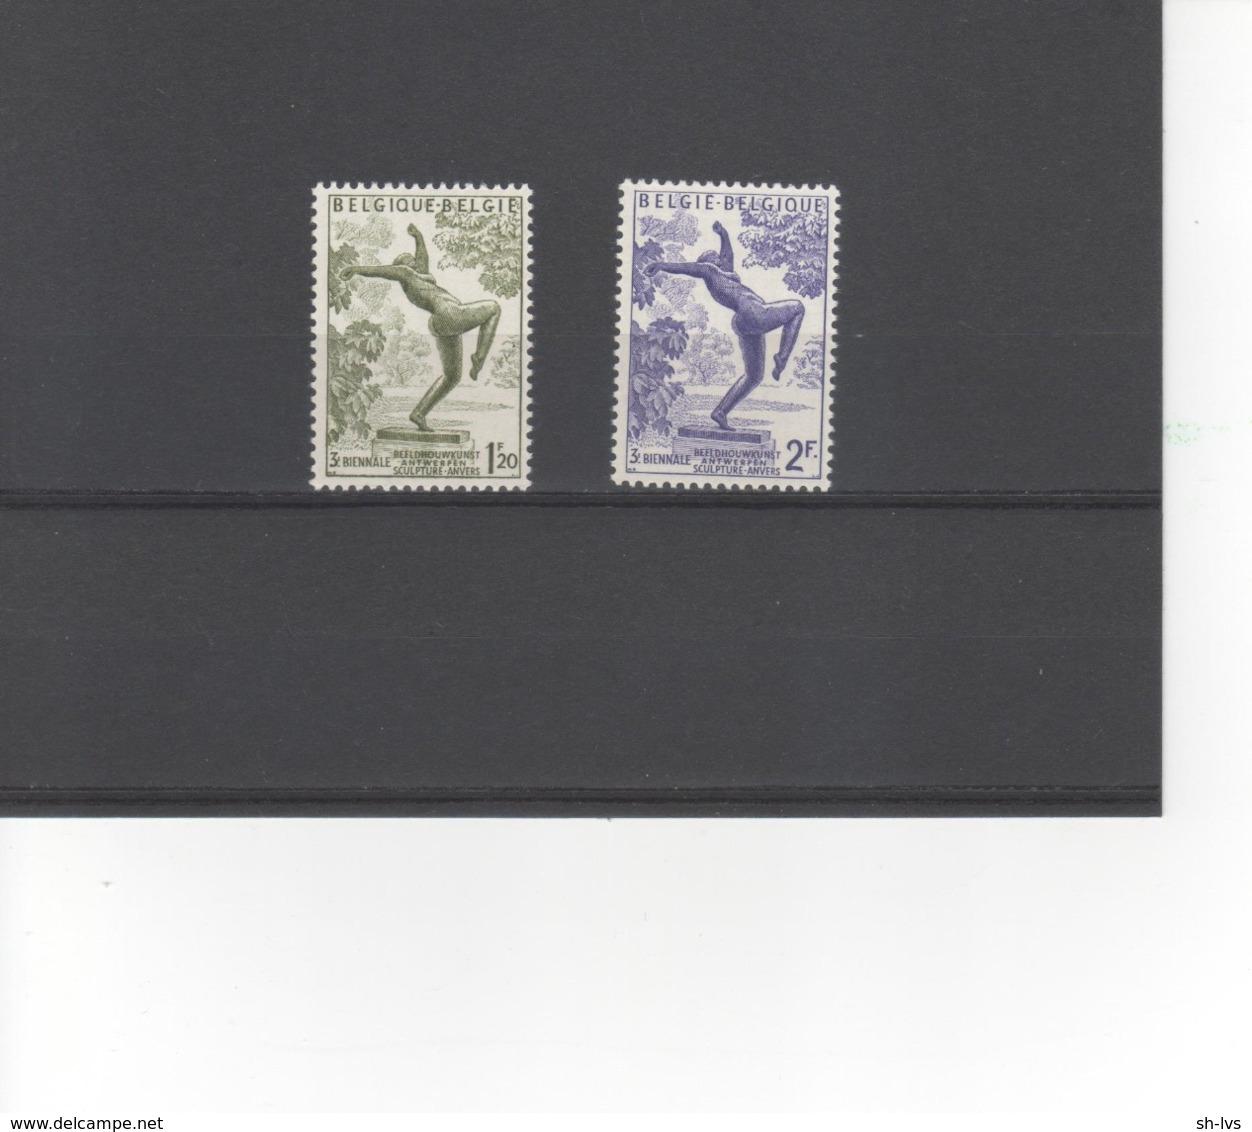 BELGIE - 1955 - DE DOLLE MAAGD VAN RIK WOUTERS - Belgium